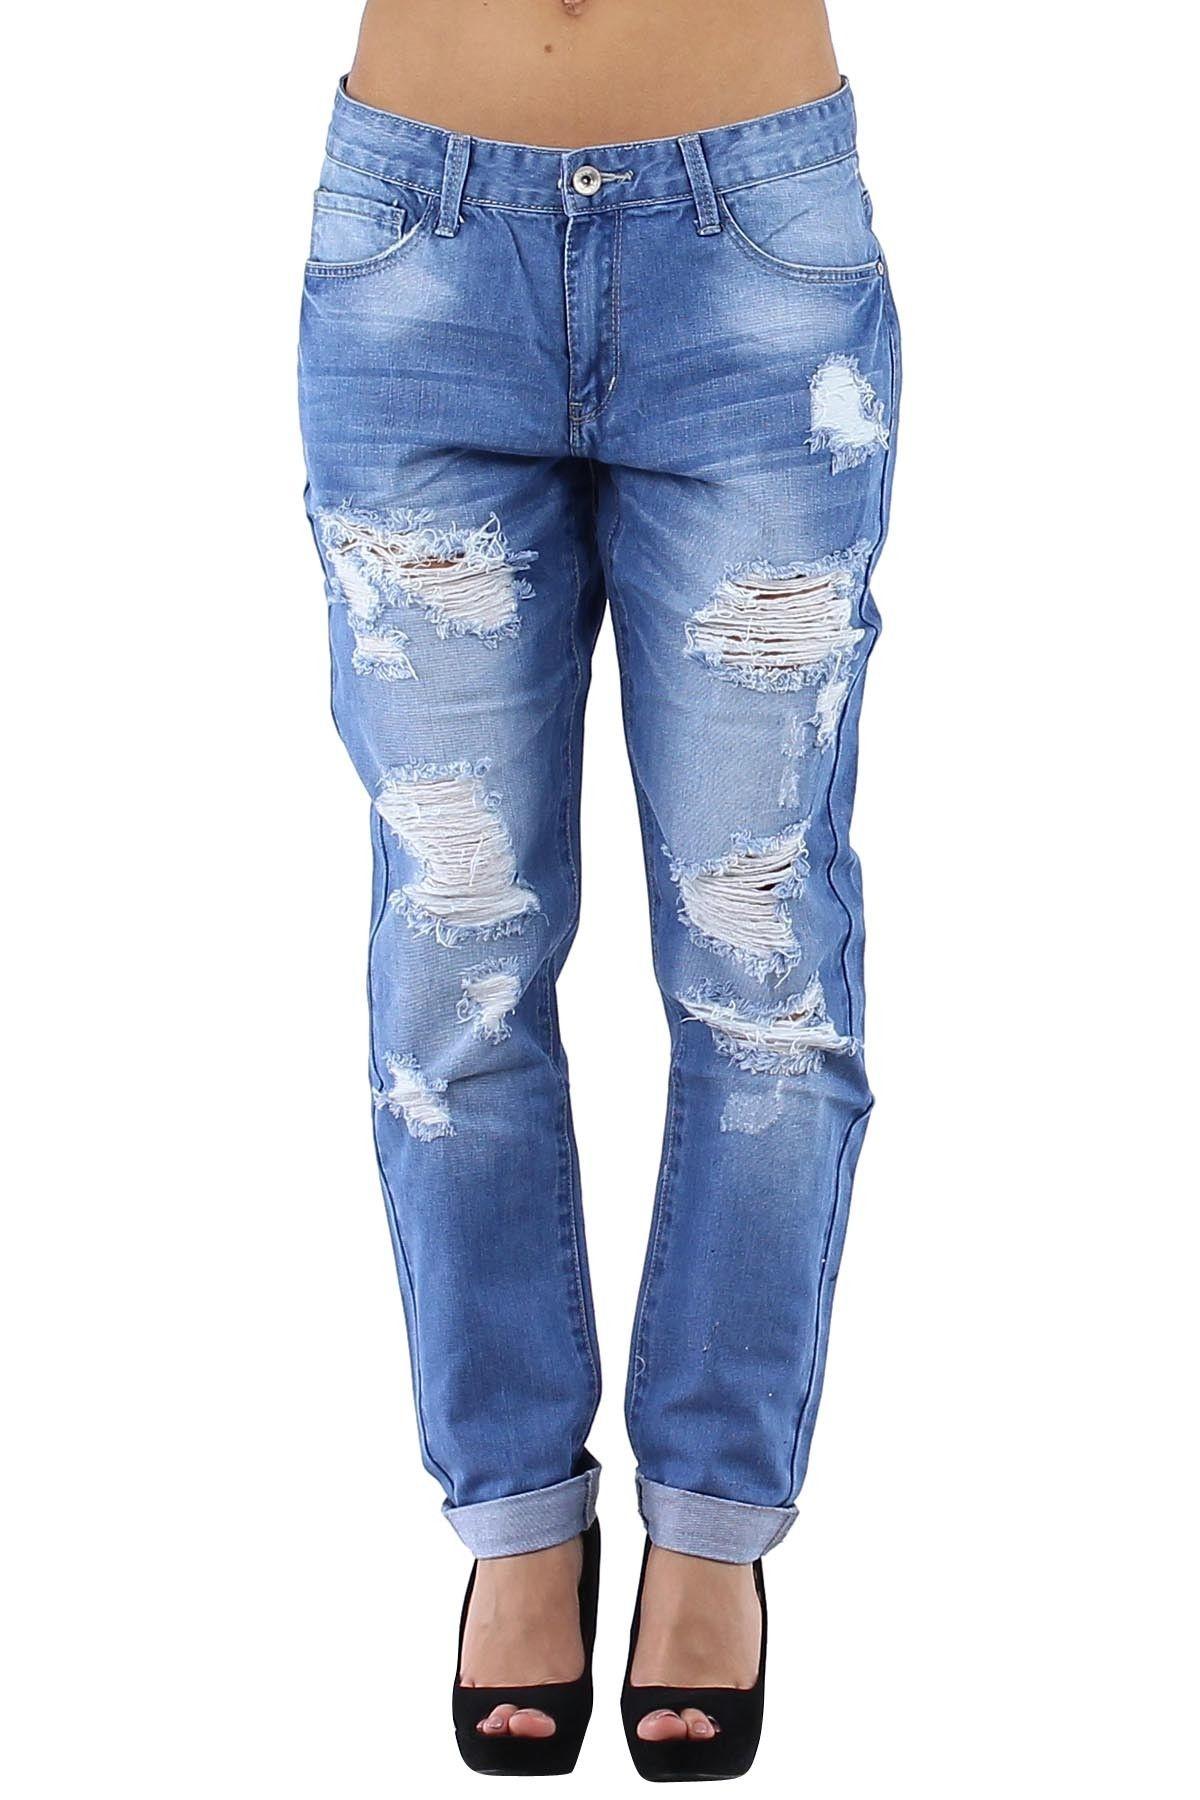 comprar online a165f 1b358 Pantalón vaquero de mujer ancho Jeans estilo Boyfriends con ...